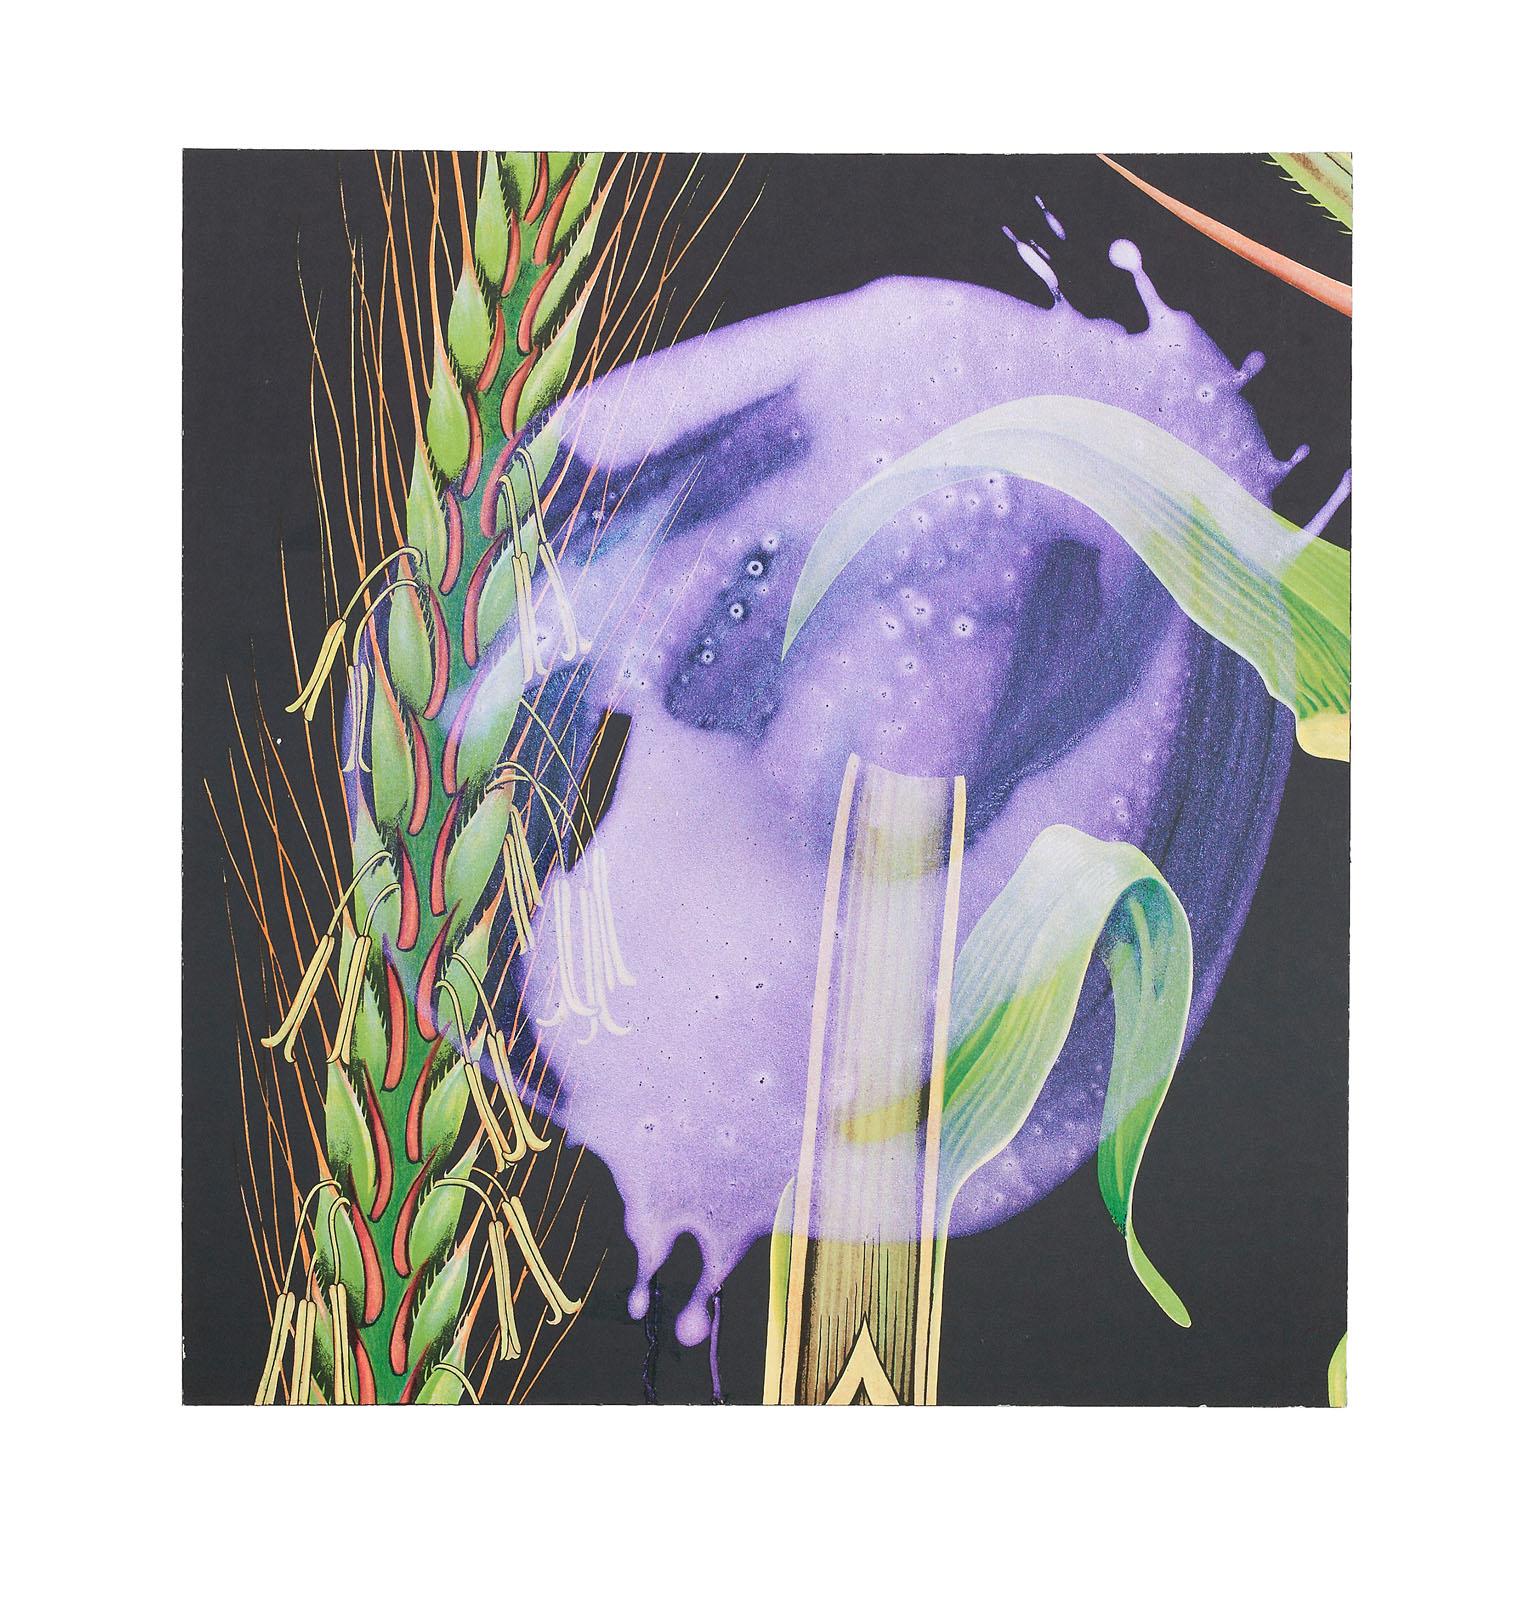 """o.T. aus """"Petrichor – Deep Sea"""", 2017, 43 x 40 cm, Mischtechnik auf Siebdruck"""